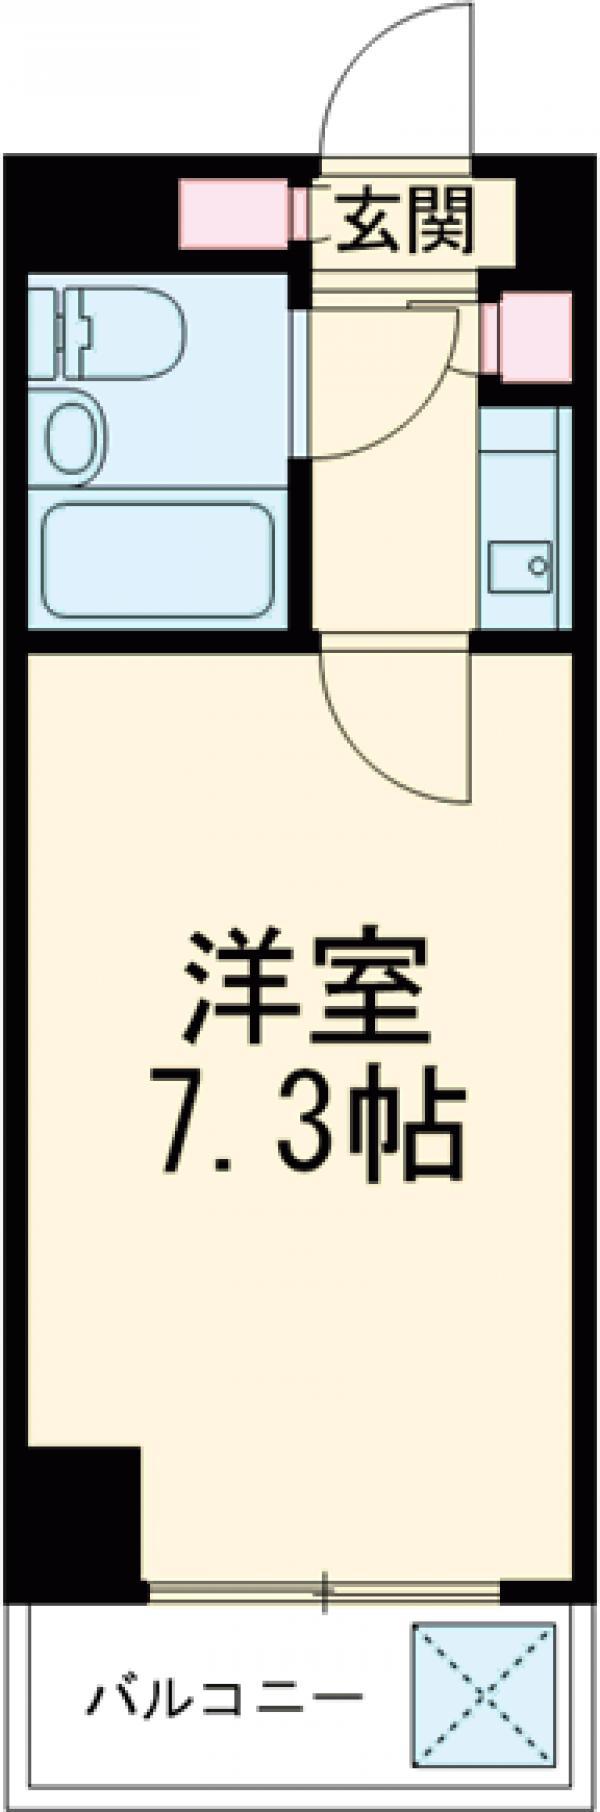 板橋昭和ビル徳丸・210号室の間取り